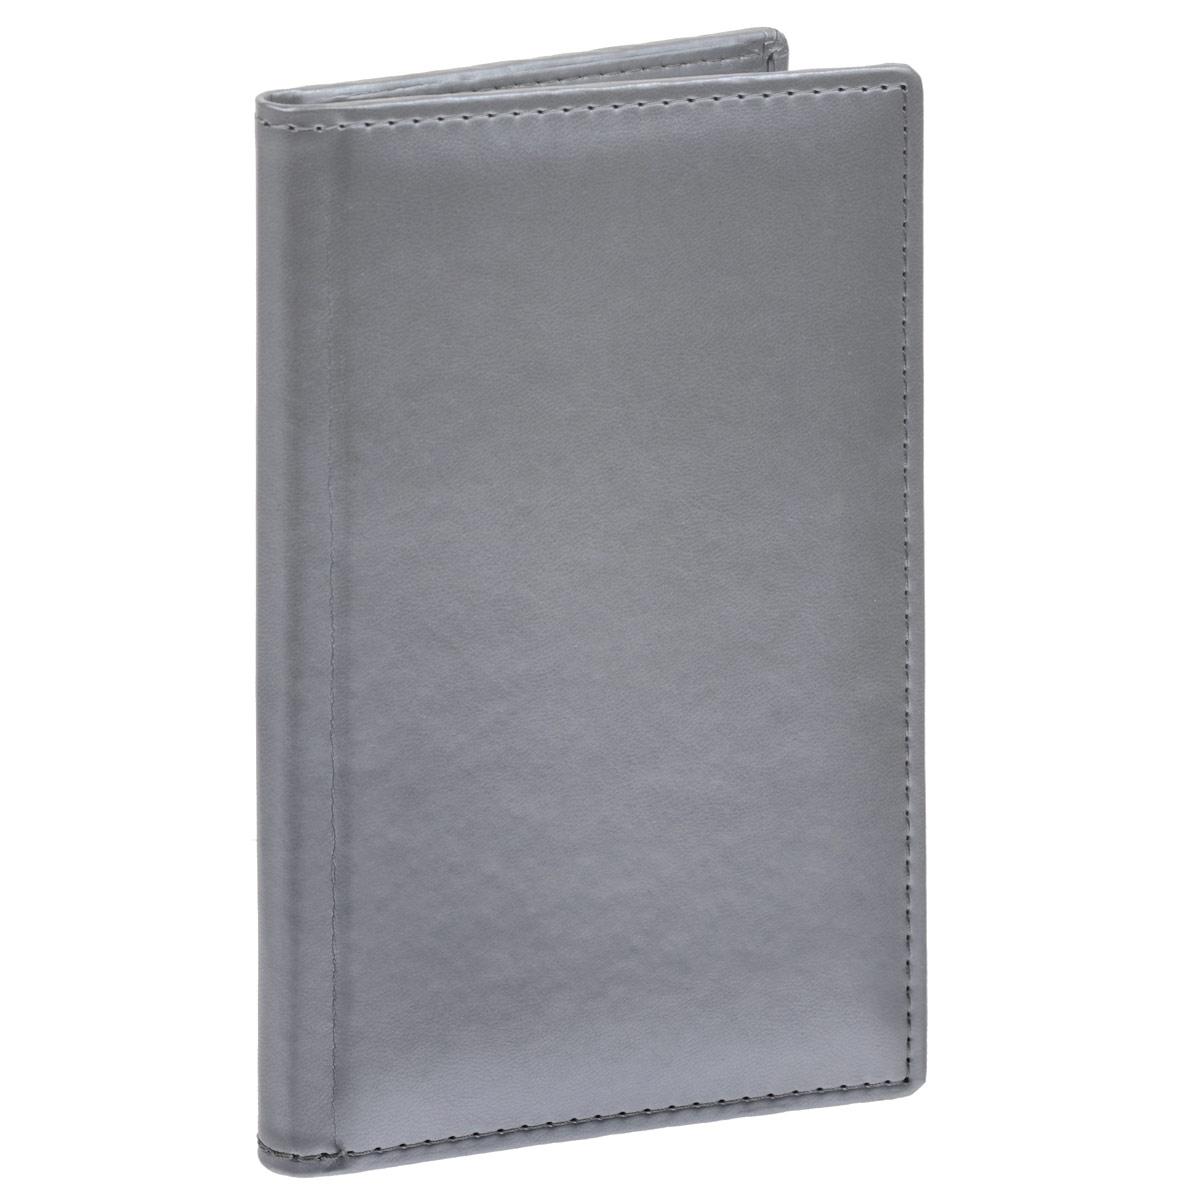 Визитница Berlingo Caprice Thermo, на 96 визиток, цвет: серебристый. 48Вз5_0352648Вз5_03526Вместительная визитница Berlingo Caprice Thermo изготовлена из искусственной кожи. Лицевая сторона оформлена тиснением в виде бренда. Внутри содержится съемный блок с кармашками из прозрачного мягкого пластика, рассчитанный на 96 визиток, а также боковой вместительный карман. Изделие упаковано в подарочную картонную упаковку.Стильная визитница подчеркнет вашу индивидуальность и изысканный вкус, а также станет замечательным подарком человеку, ценящему качественные и практичные вещи.